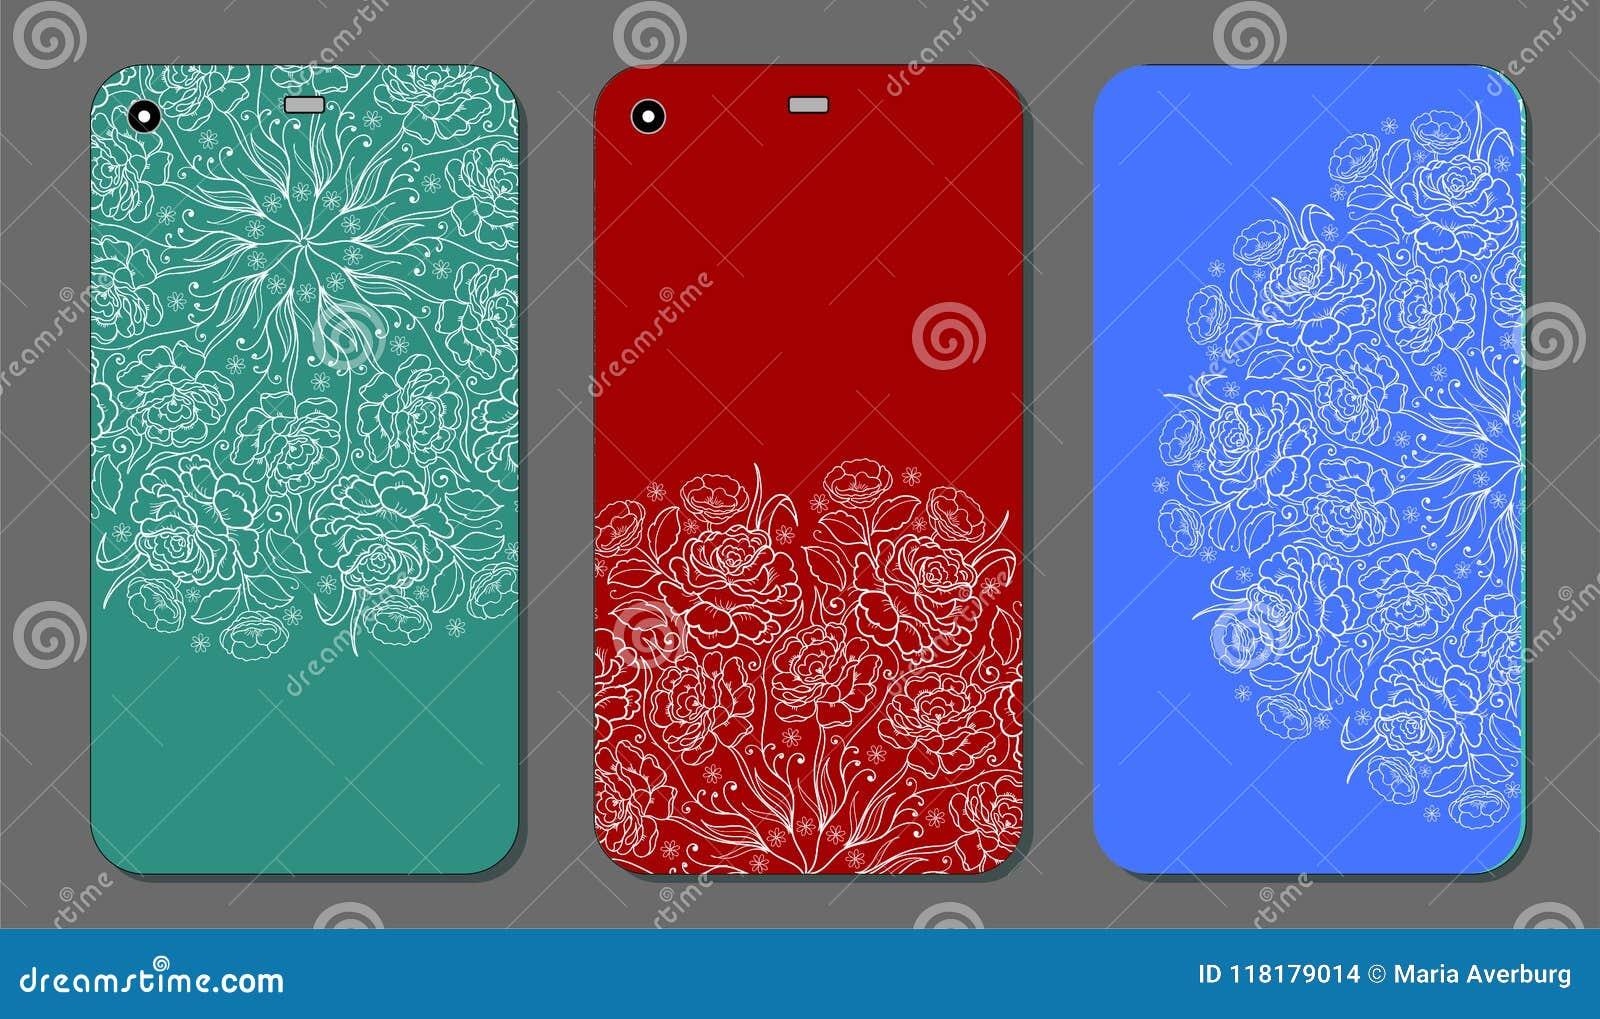 Telefonkastendesign Moderne Blumenverzierungen für Handyabdeckung, Blumenmandala Handyfall weinlese